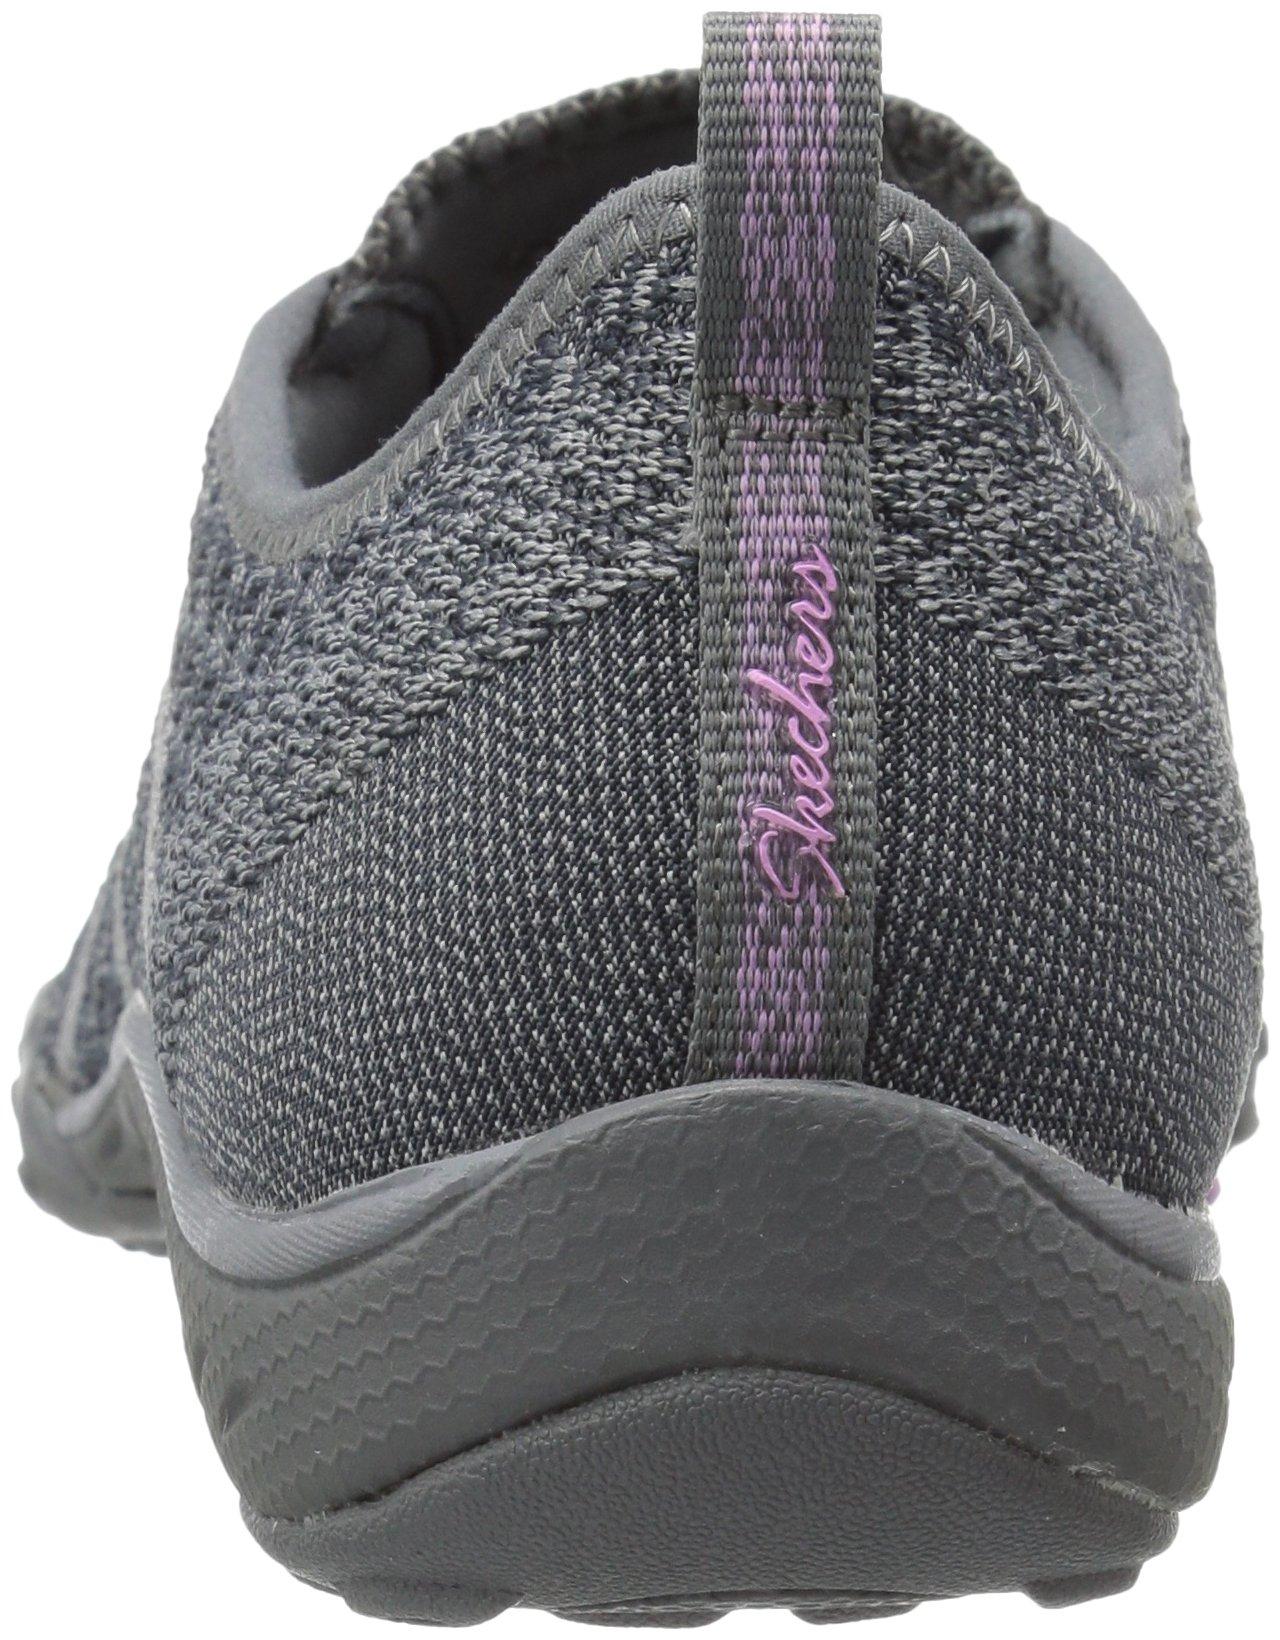 Skechers Sport Women's Breathe Easy Fortune Fashion Sneaker,Charcoal Knit,5 M US by Skechers (Image #2)